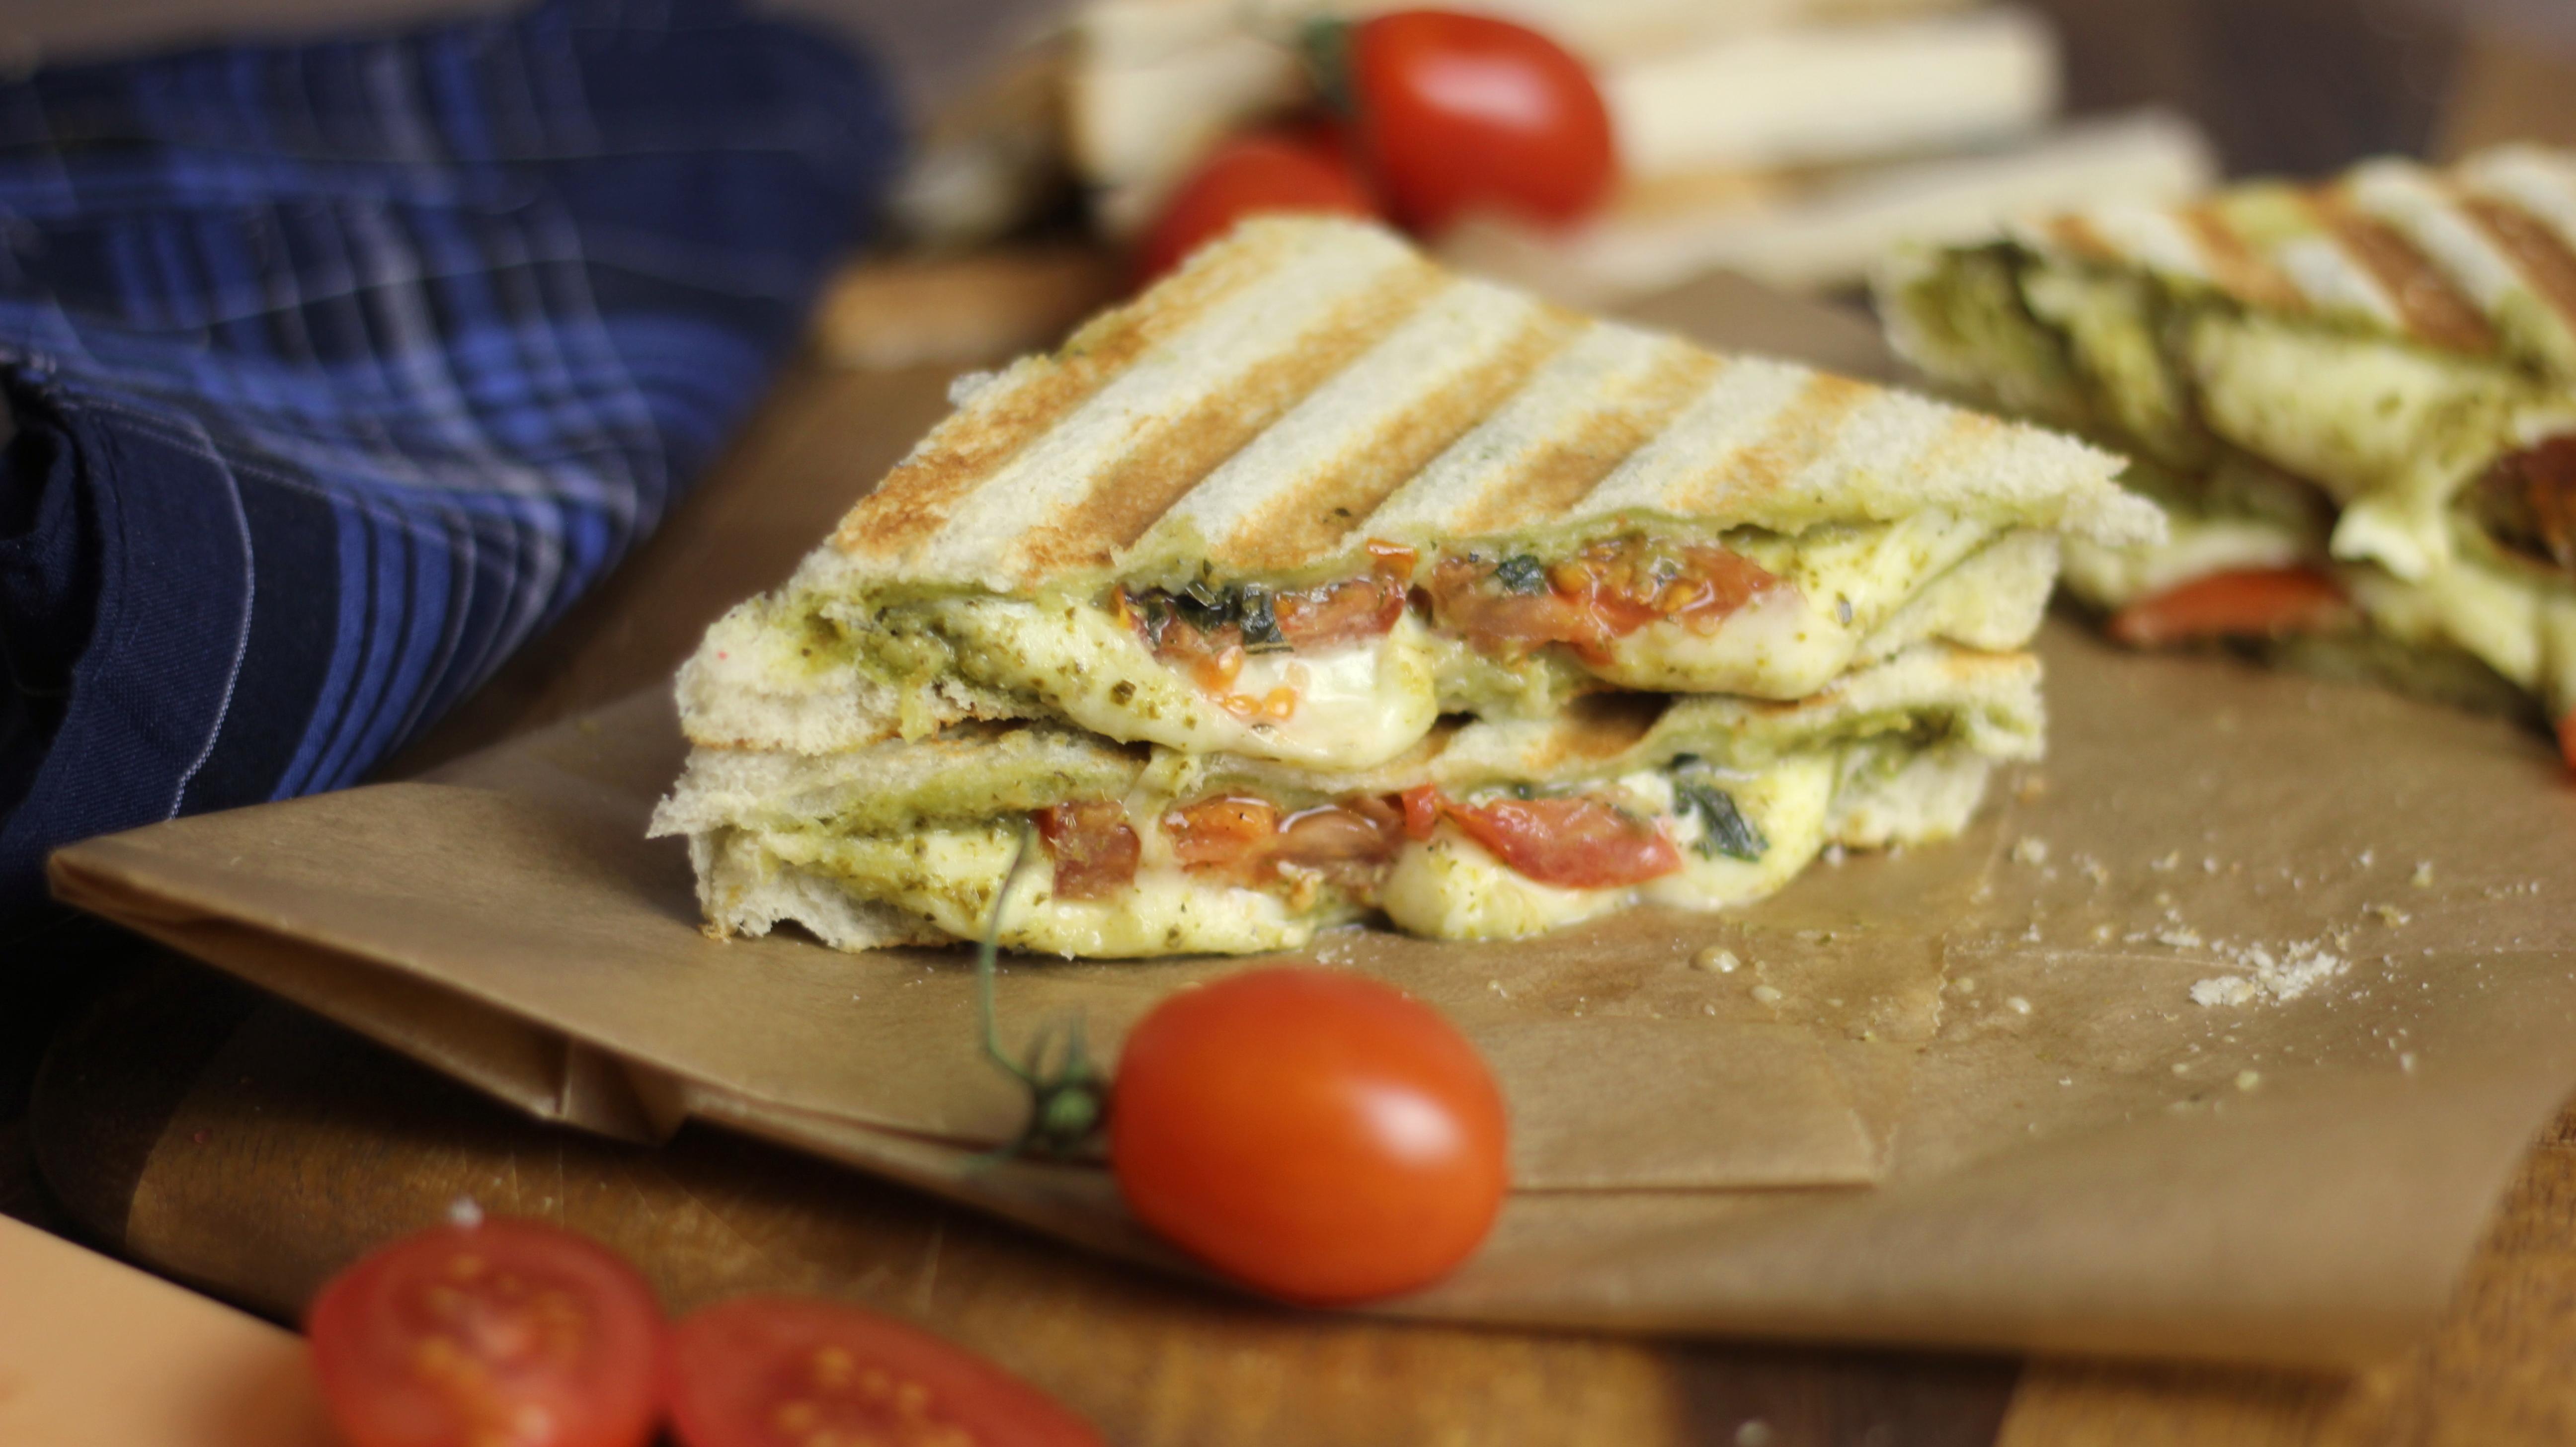 Berühmt Panini Tomate-Mozzarella I Gegrilltes Sandwich I Schneller Snack  WD96